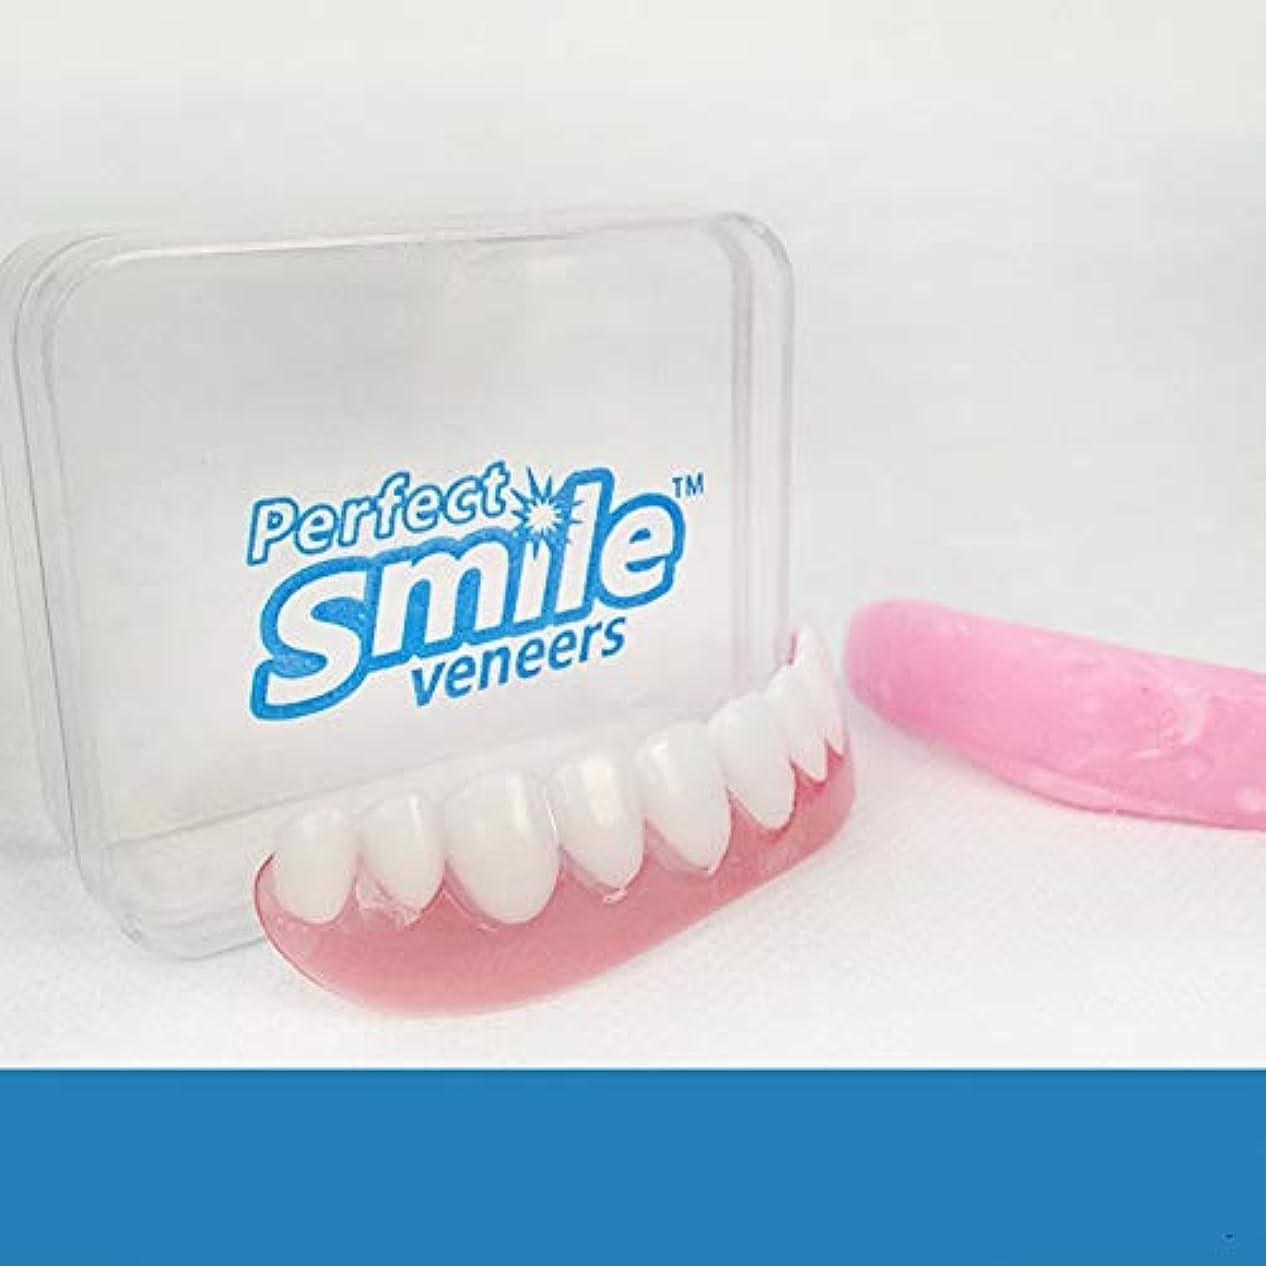 台無しに量許容5セット、化粧品の歯、白い歯をきれいにするための快適フィットフレックス歯ソケット、化粧品の歯義歯の歯のトップ化粧品